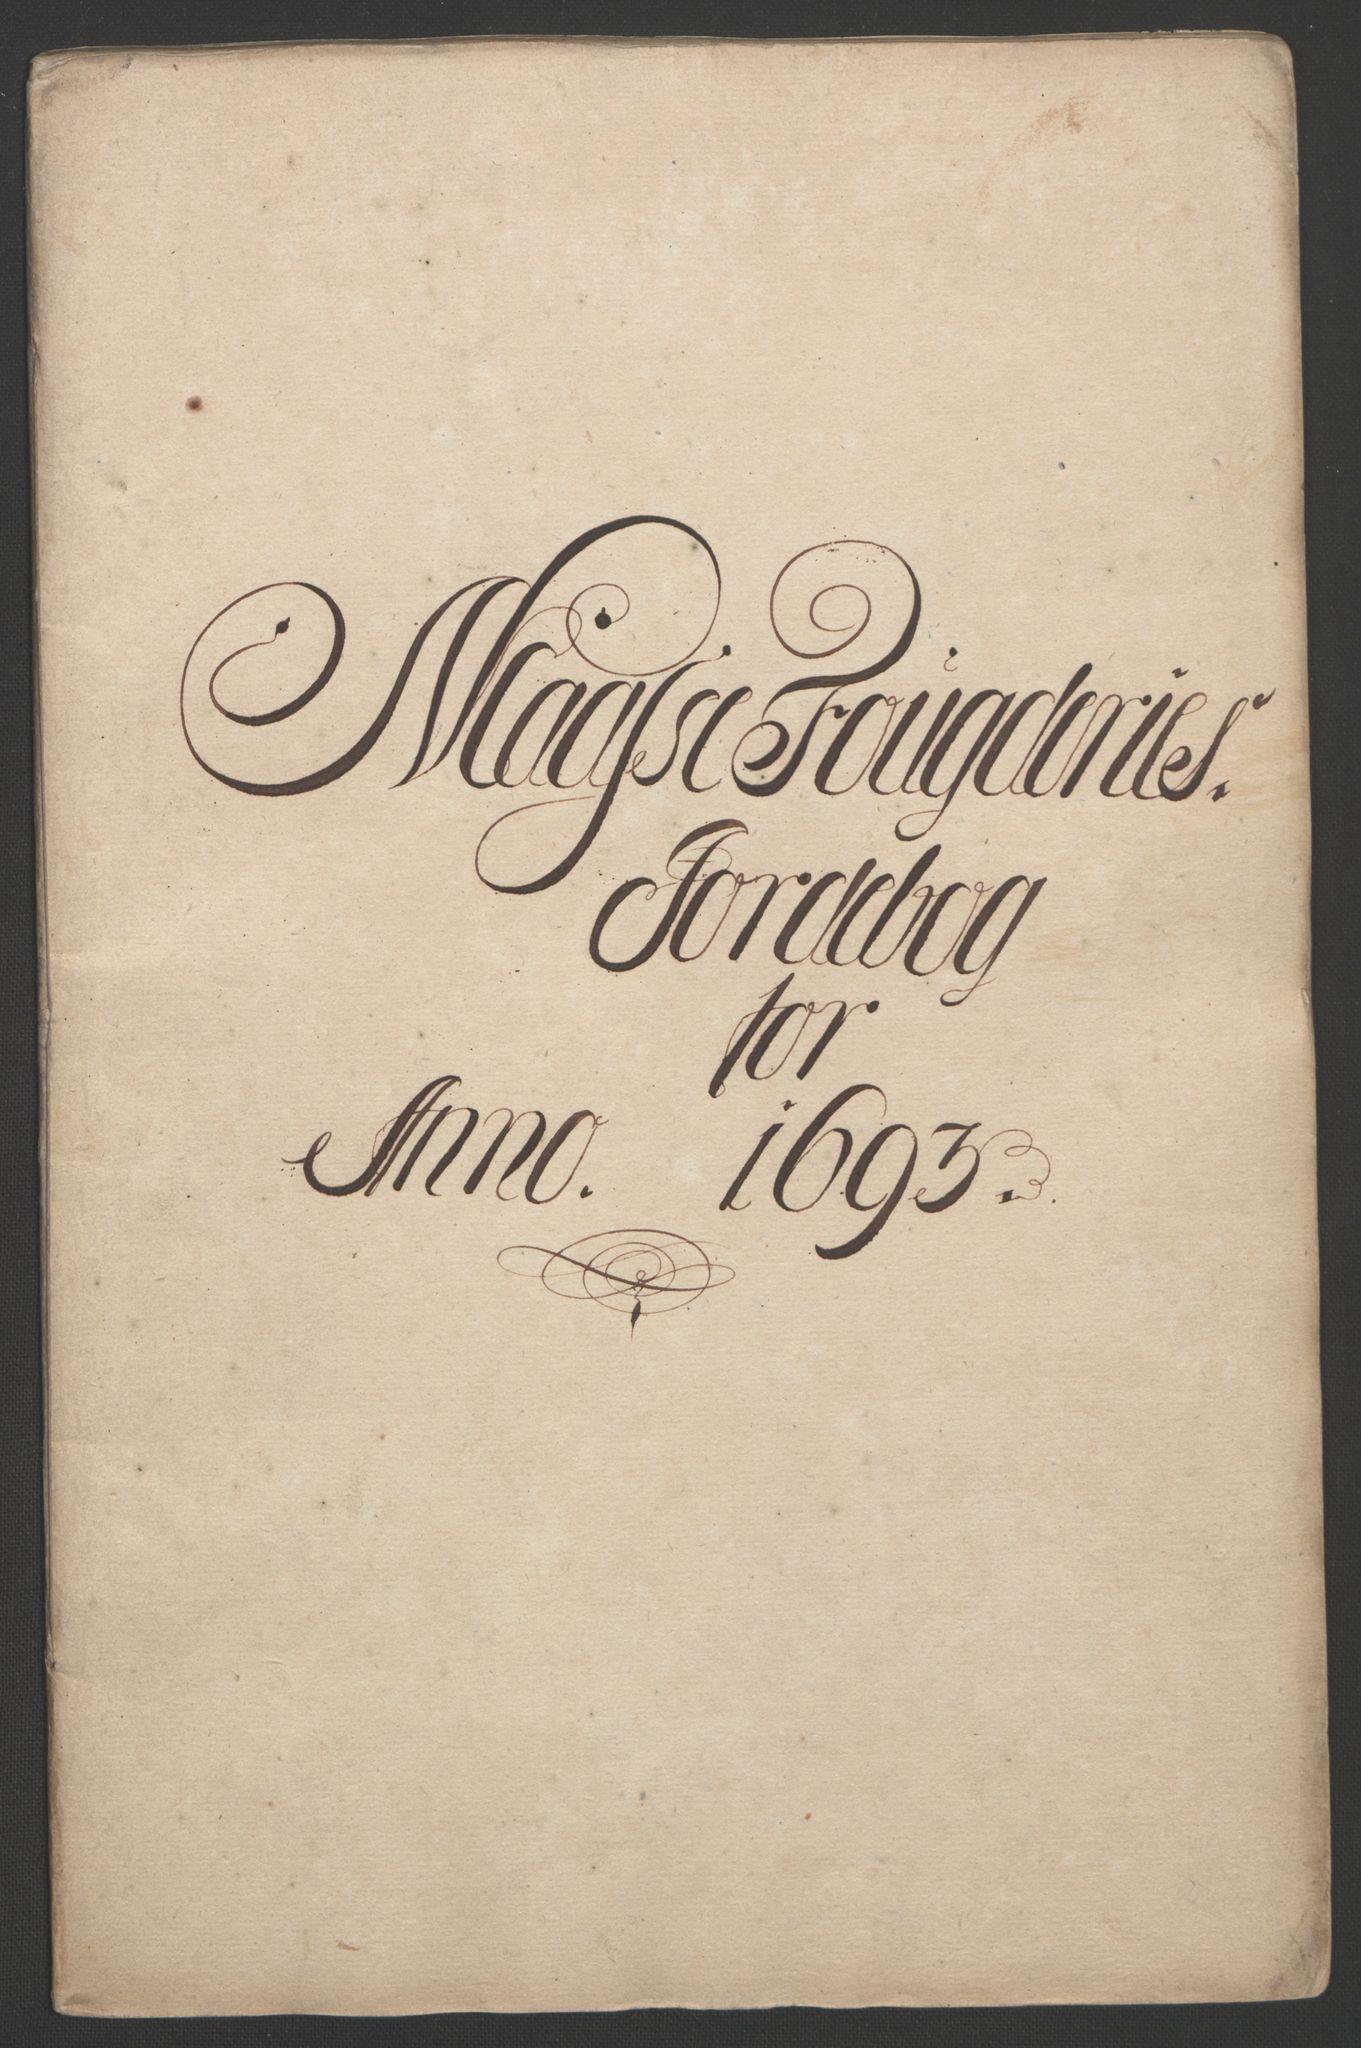 RA, Rentekammeret inntil 1814, Reviderte regnskaper, Fogderegnskap, R02/L0108: Fogderegnskap Moss og Verne kloster, 1692-1693, s. 220